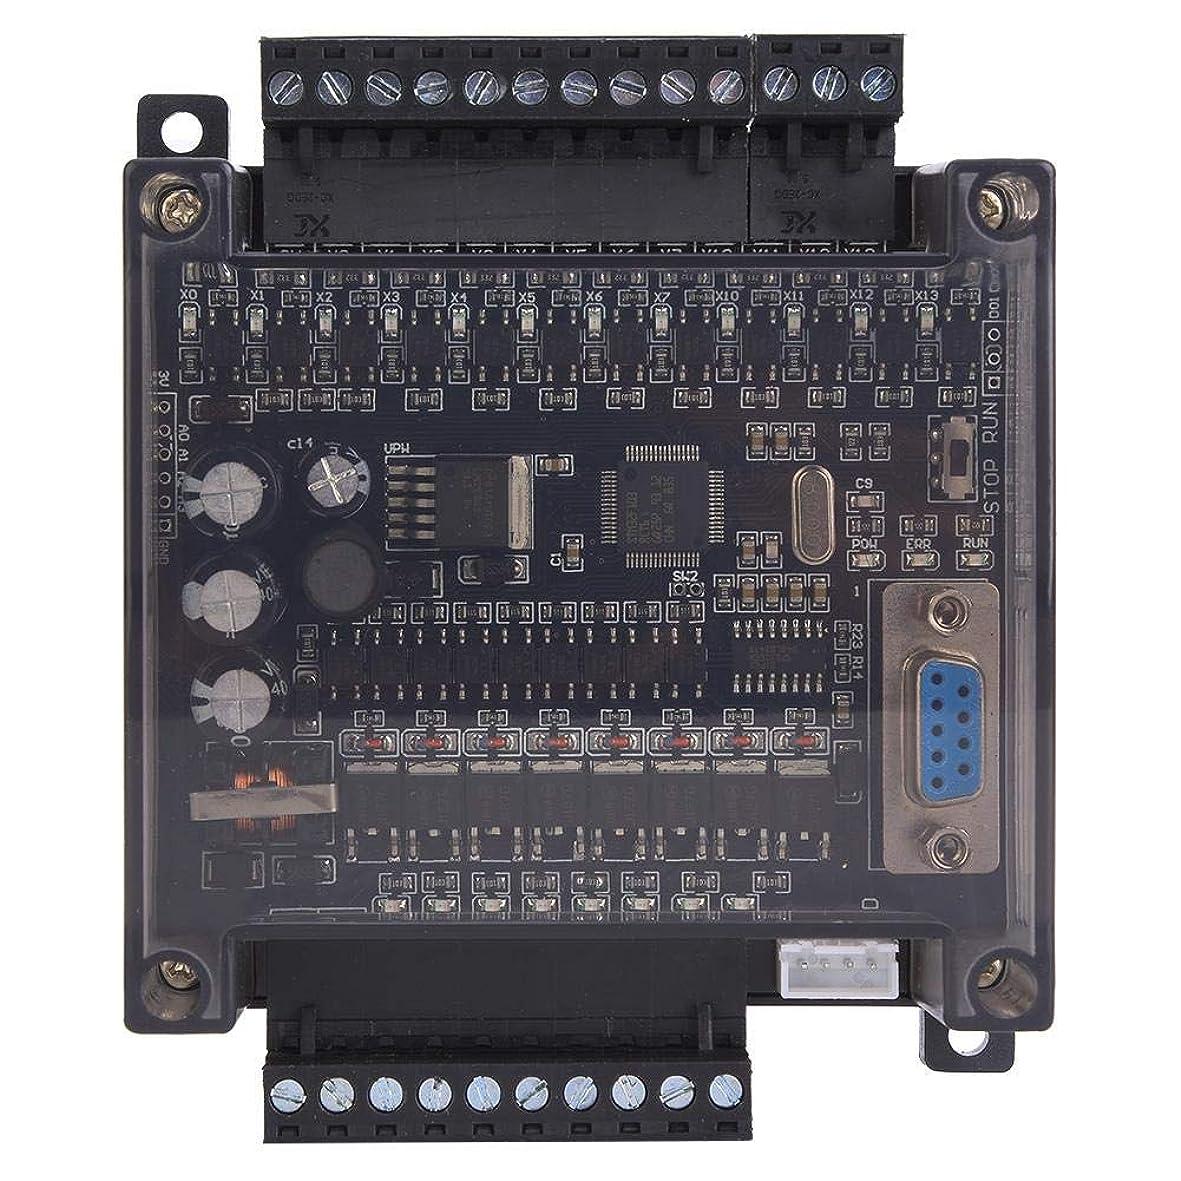 ファンシーについて干し草プログラマブルコントローラーモジュール、FX1N 20MT PLCボード産業用制御ボード、Mitsubishis GX Developer 8.XX用ブラウンシェル